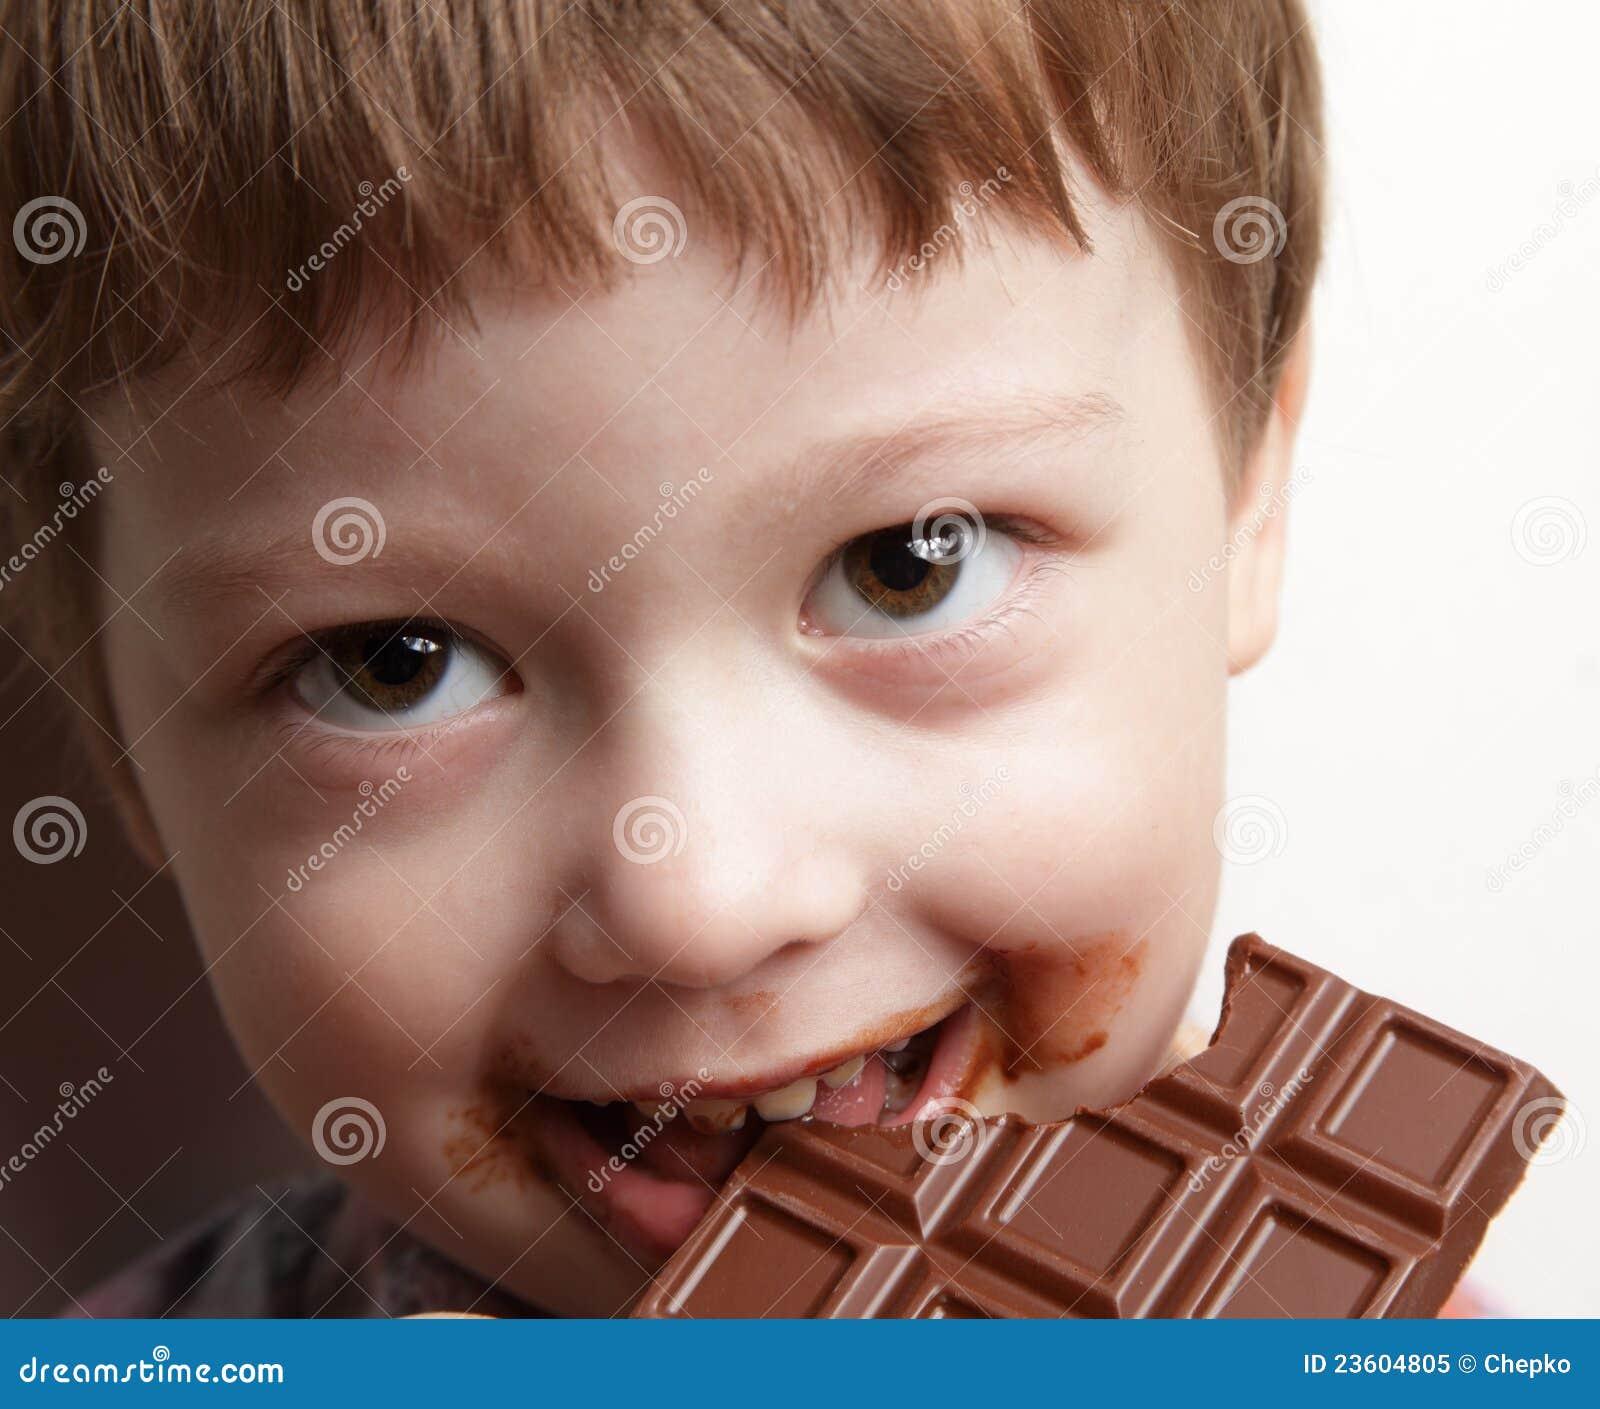 Oy com chocolate